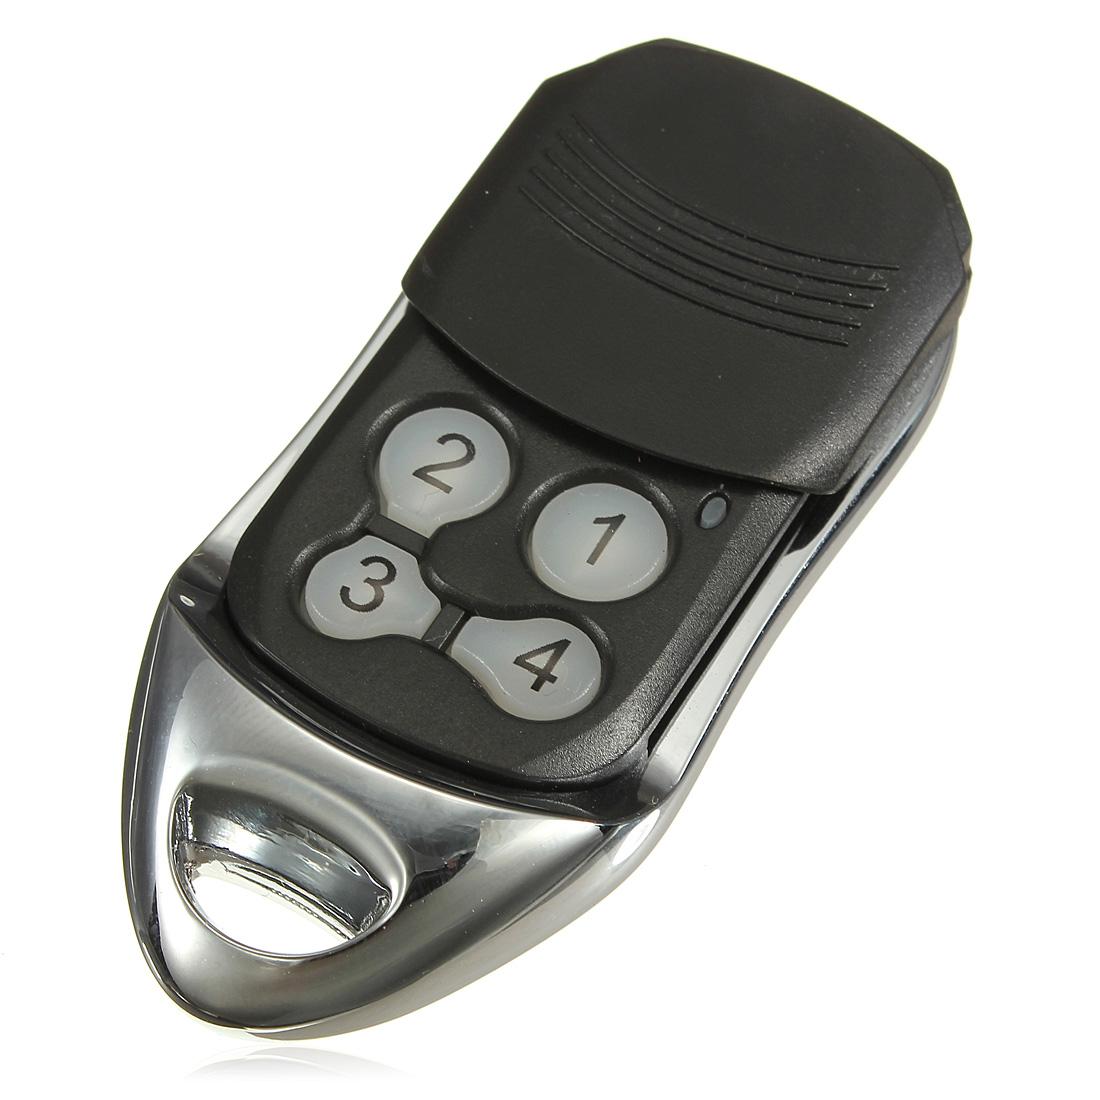 TEMPSA X Télécommande Boutons Porte De Garage Portail Clé Alarme - Telecommande porte de garage wayne dalton